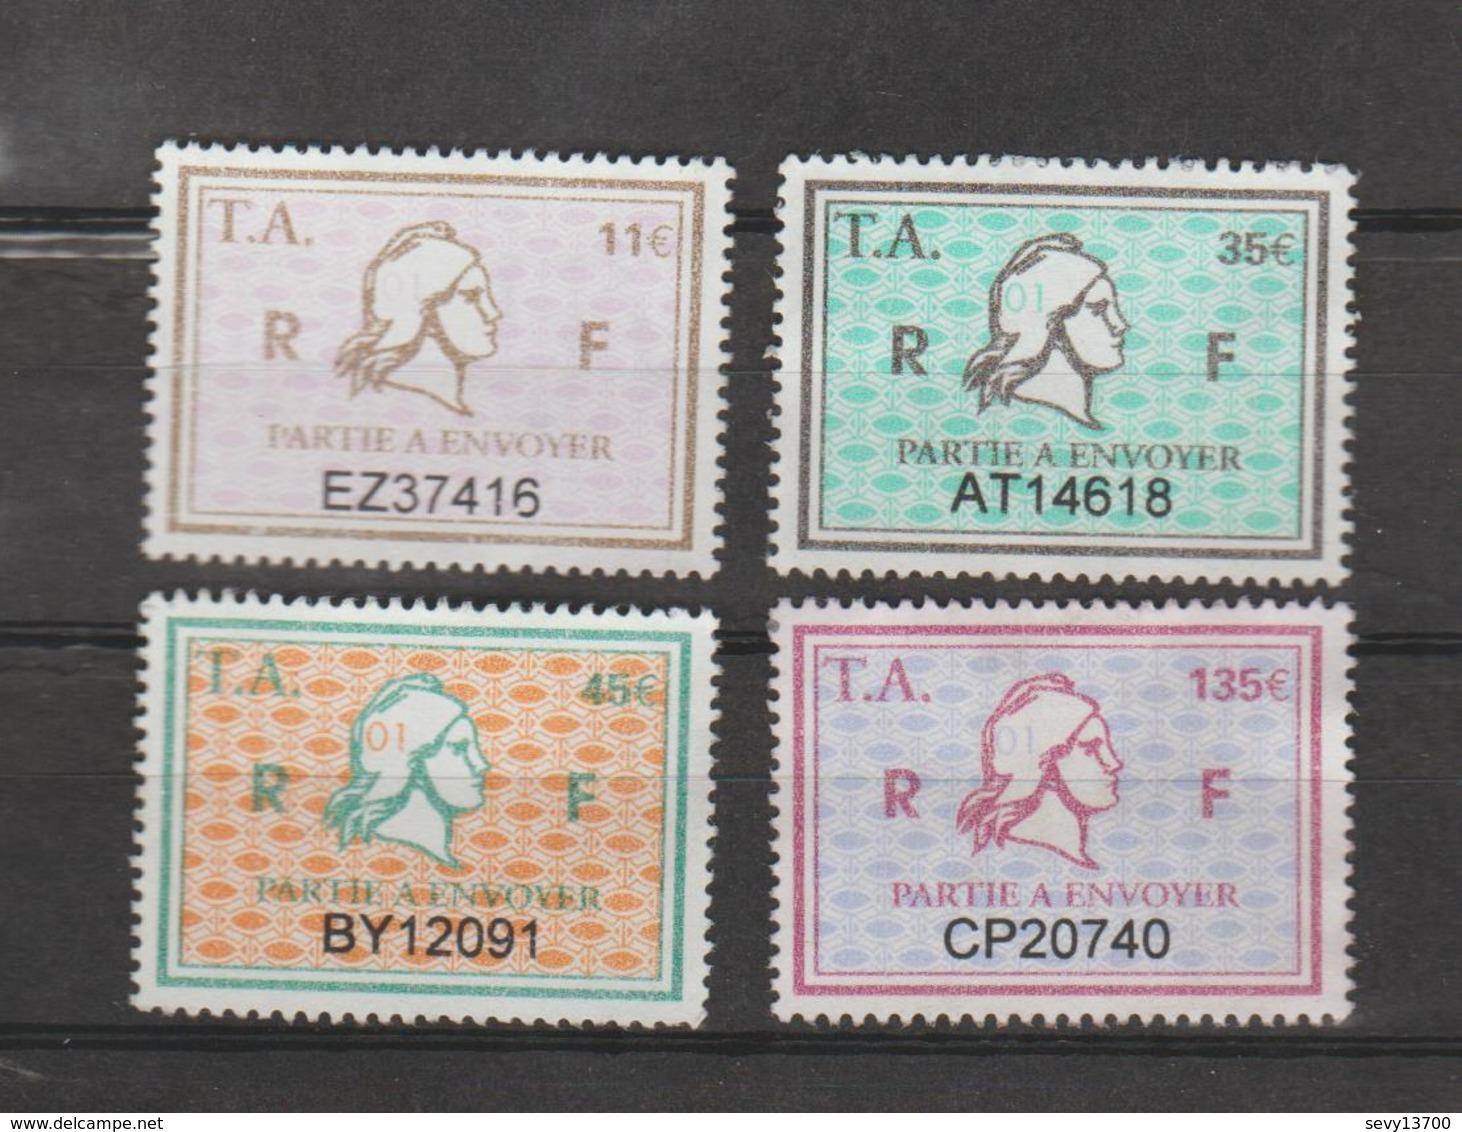 Série Timbres Fiscaux - 4 Timbres Amende Millésime 01 - Steuermarken